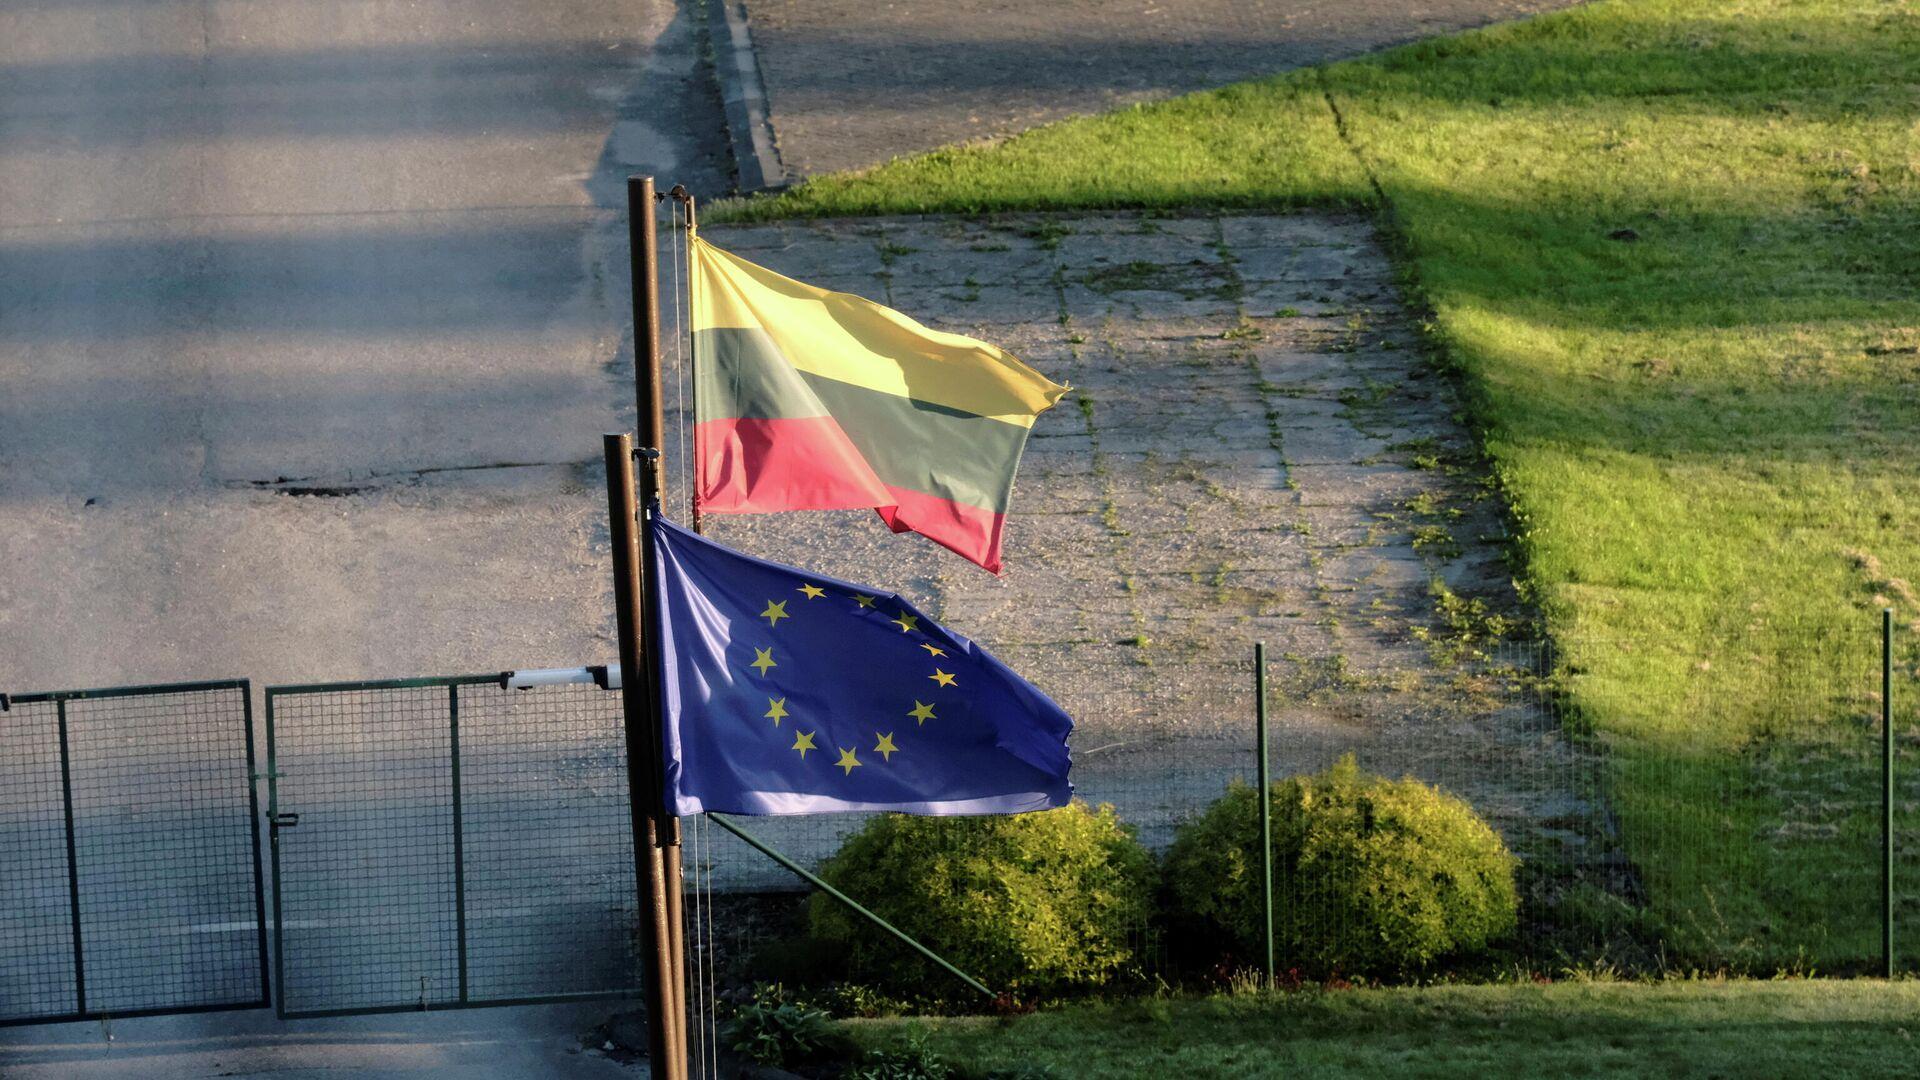 Las banderas de Lituania y la UE - Sputnik Mundo, 1920, 12.07.2021